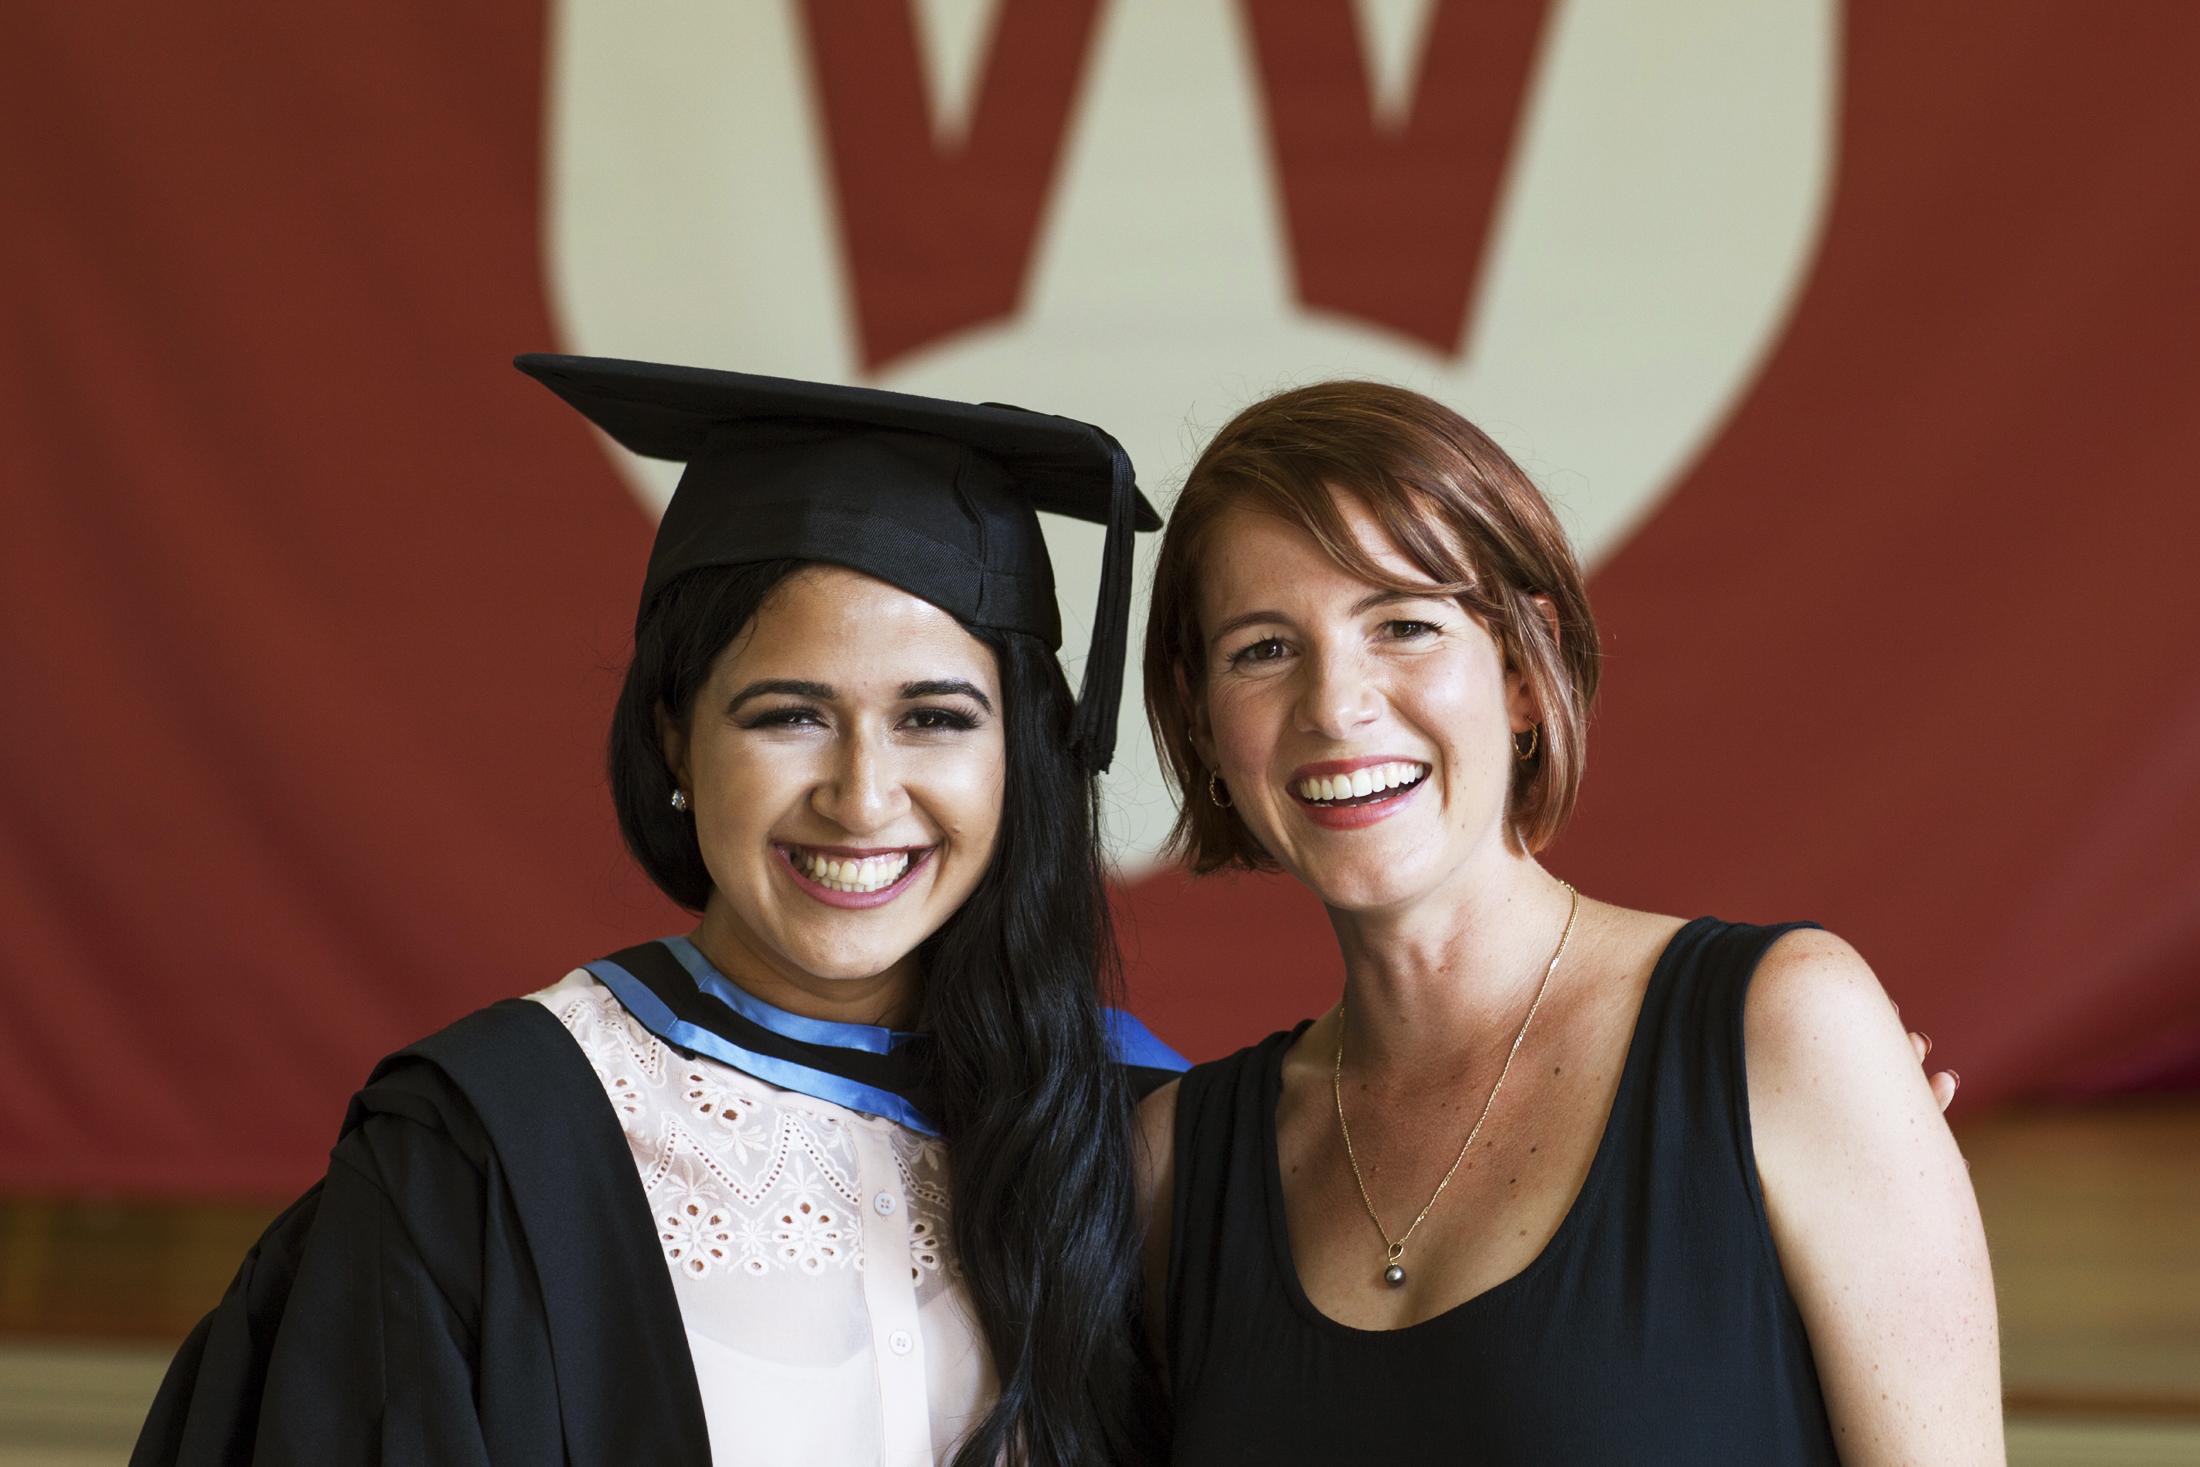 Law graduate Maryam Noori